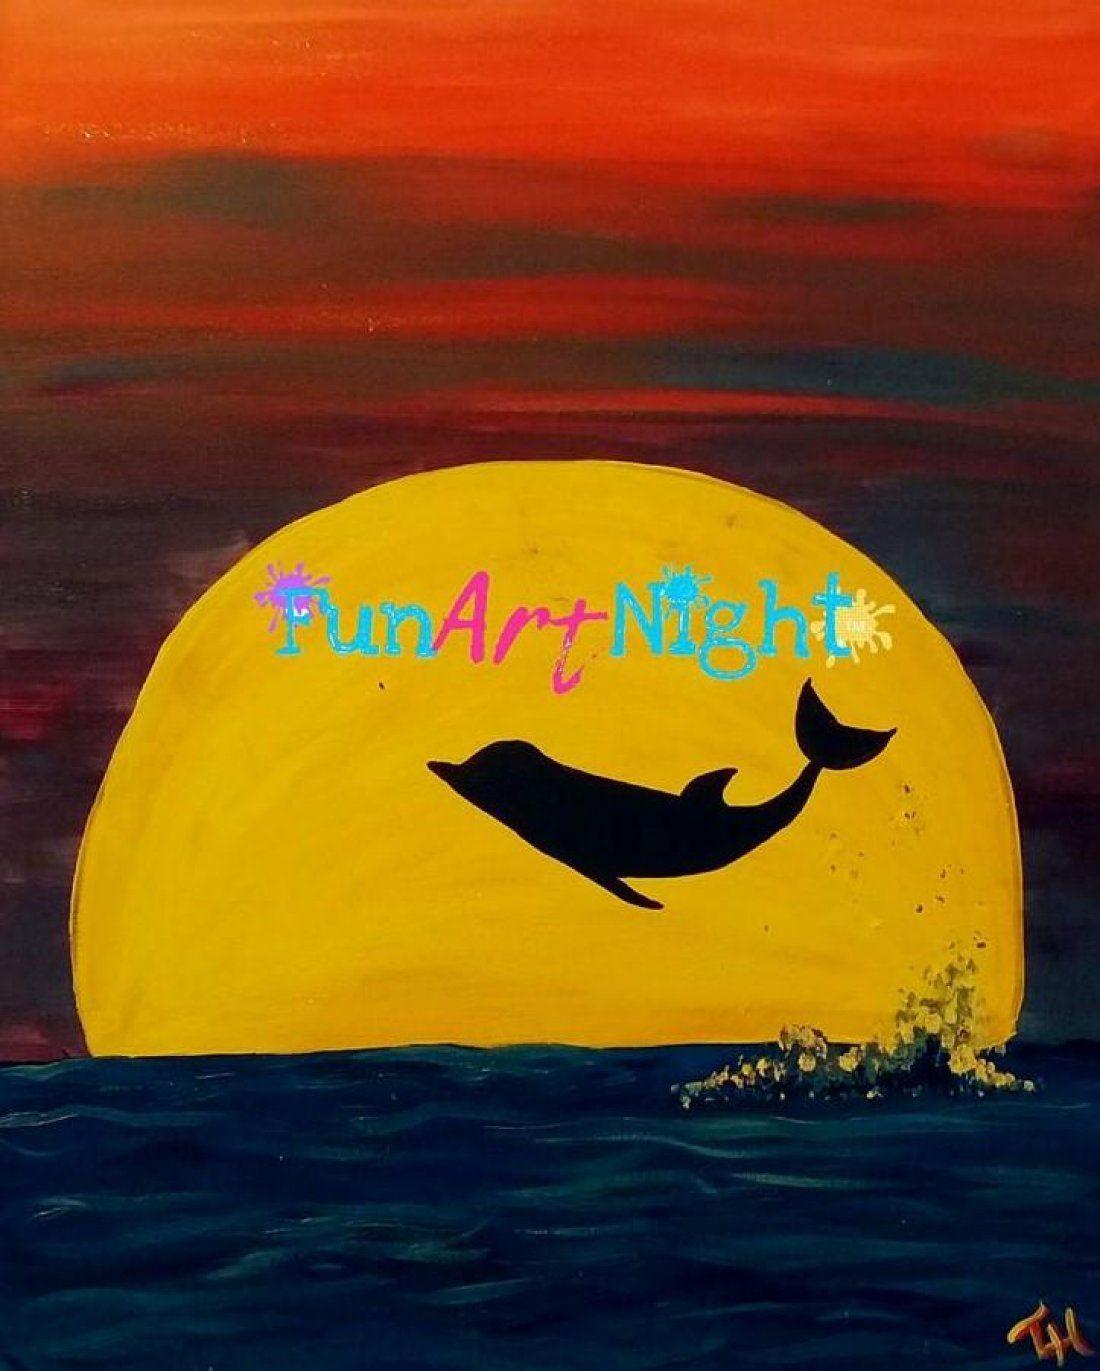 Kids Art Night Dolphin Sunset in Crozet